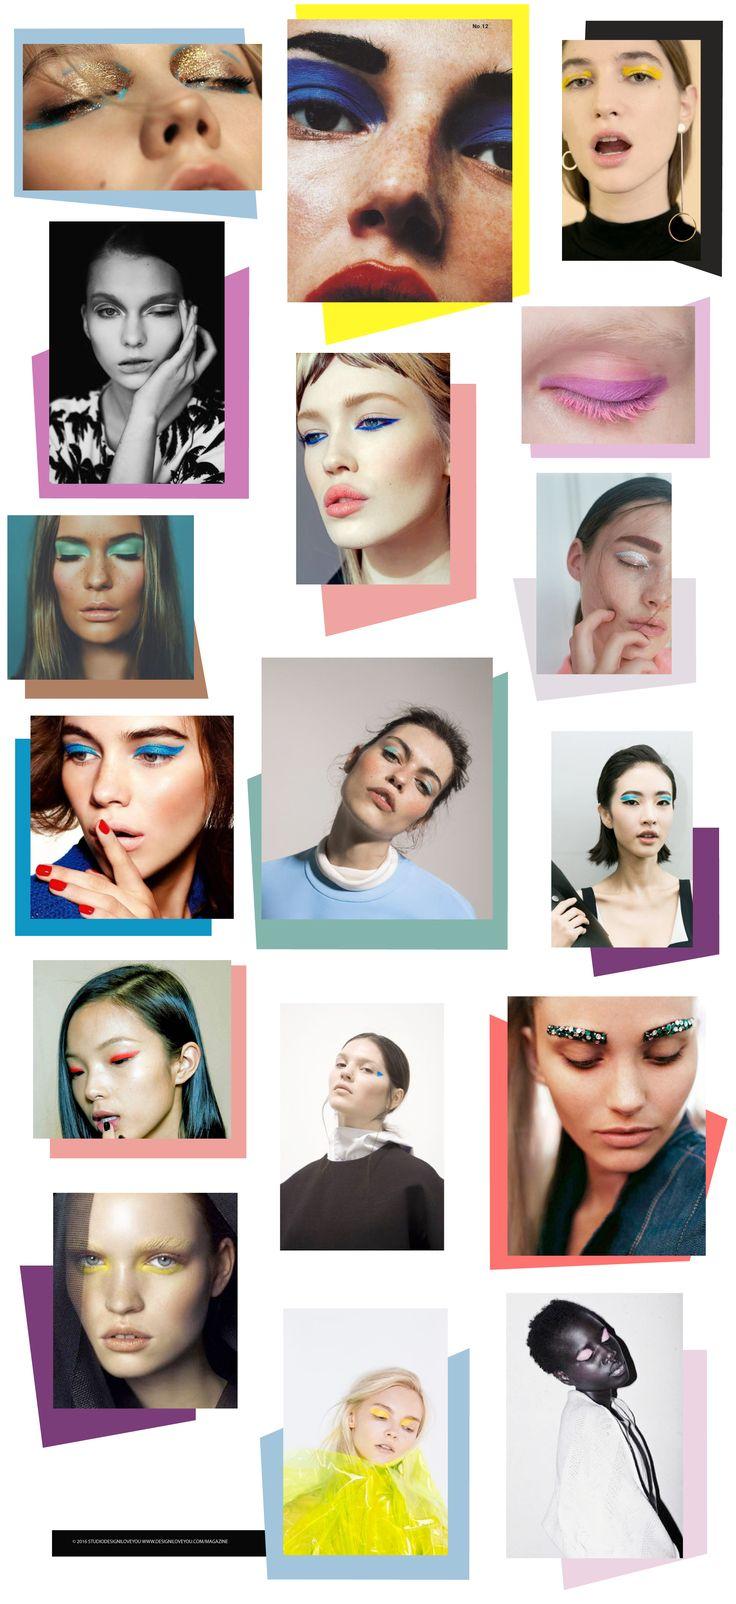 GOOD MOOD - MAGAZINE INSPIRATION du Studio DESIGN I LOVE YOU - Beauty Arty s16/17 Nouvelle façon d'explorer la beauté, traduite par un retour flagrant de la couleur dans un style arty ! Une beauté assumée pour marquer sa singularité et exprimer toute sa créativité ! De l'art sous toutes les coutures !